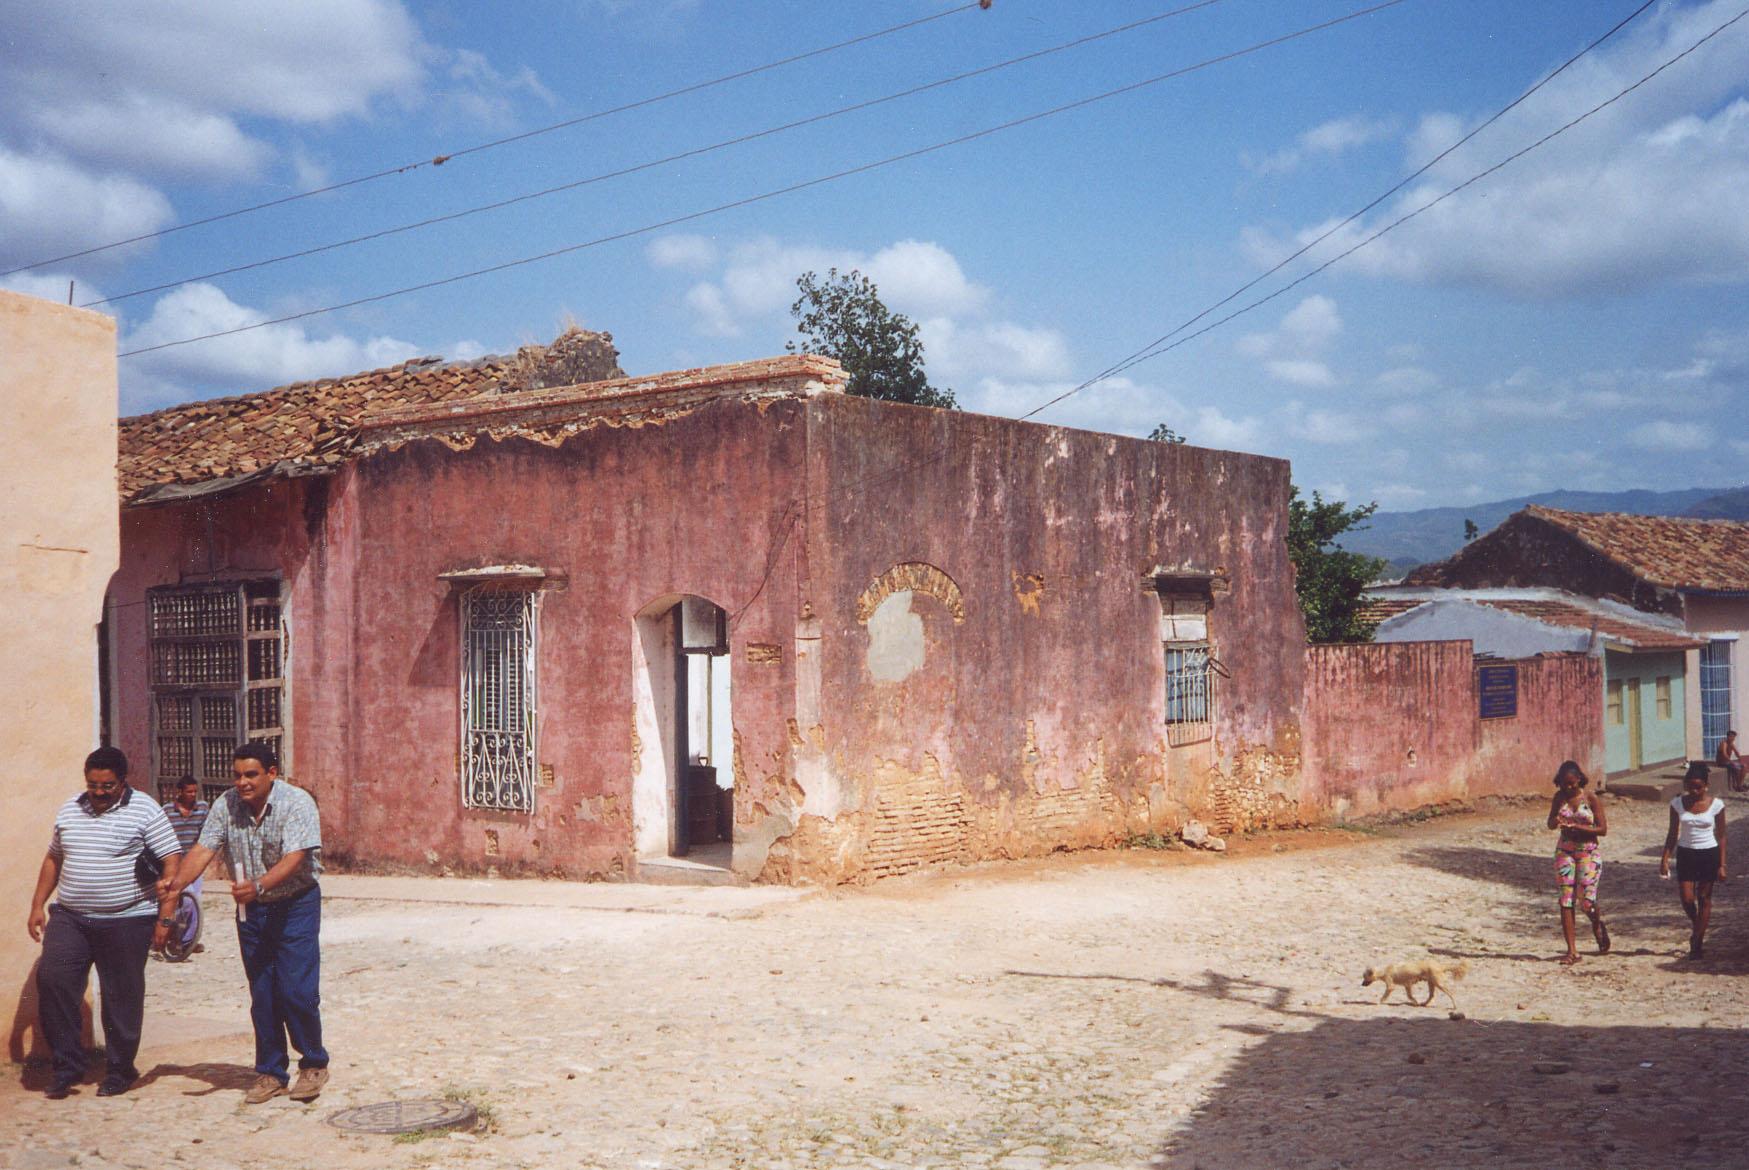 Rehabilitació D'habitatges A Trinidad